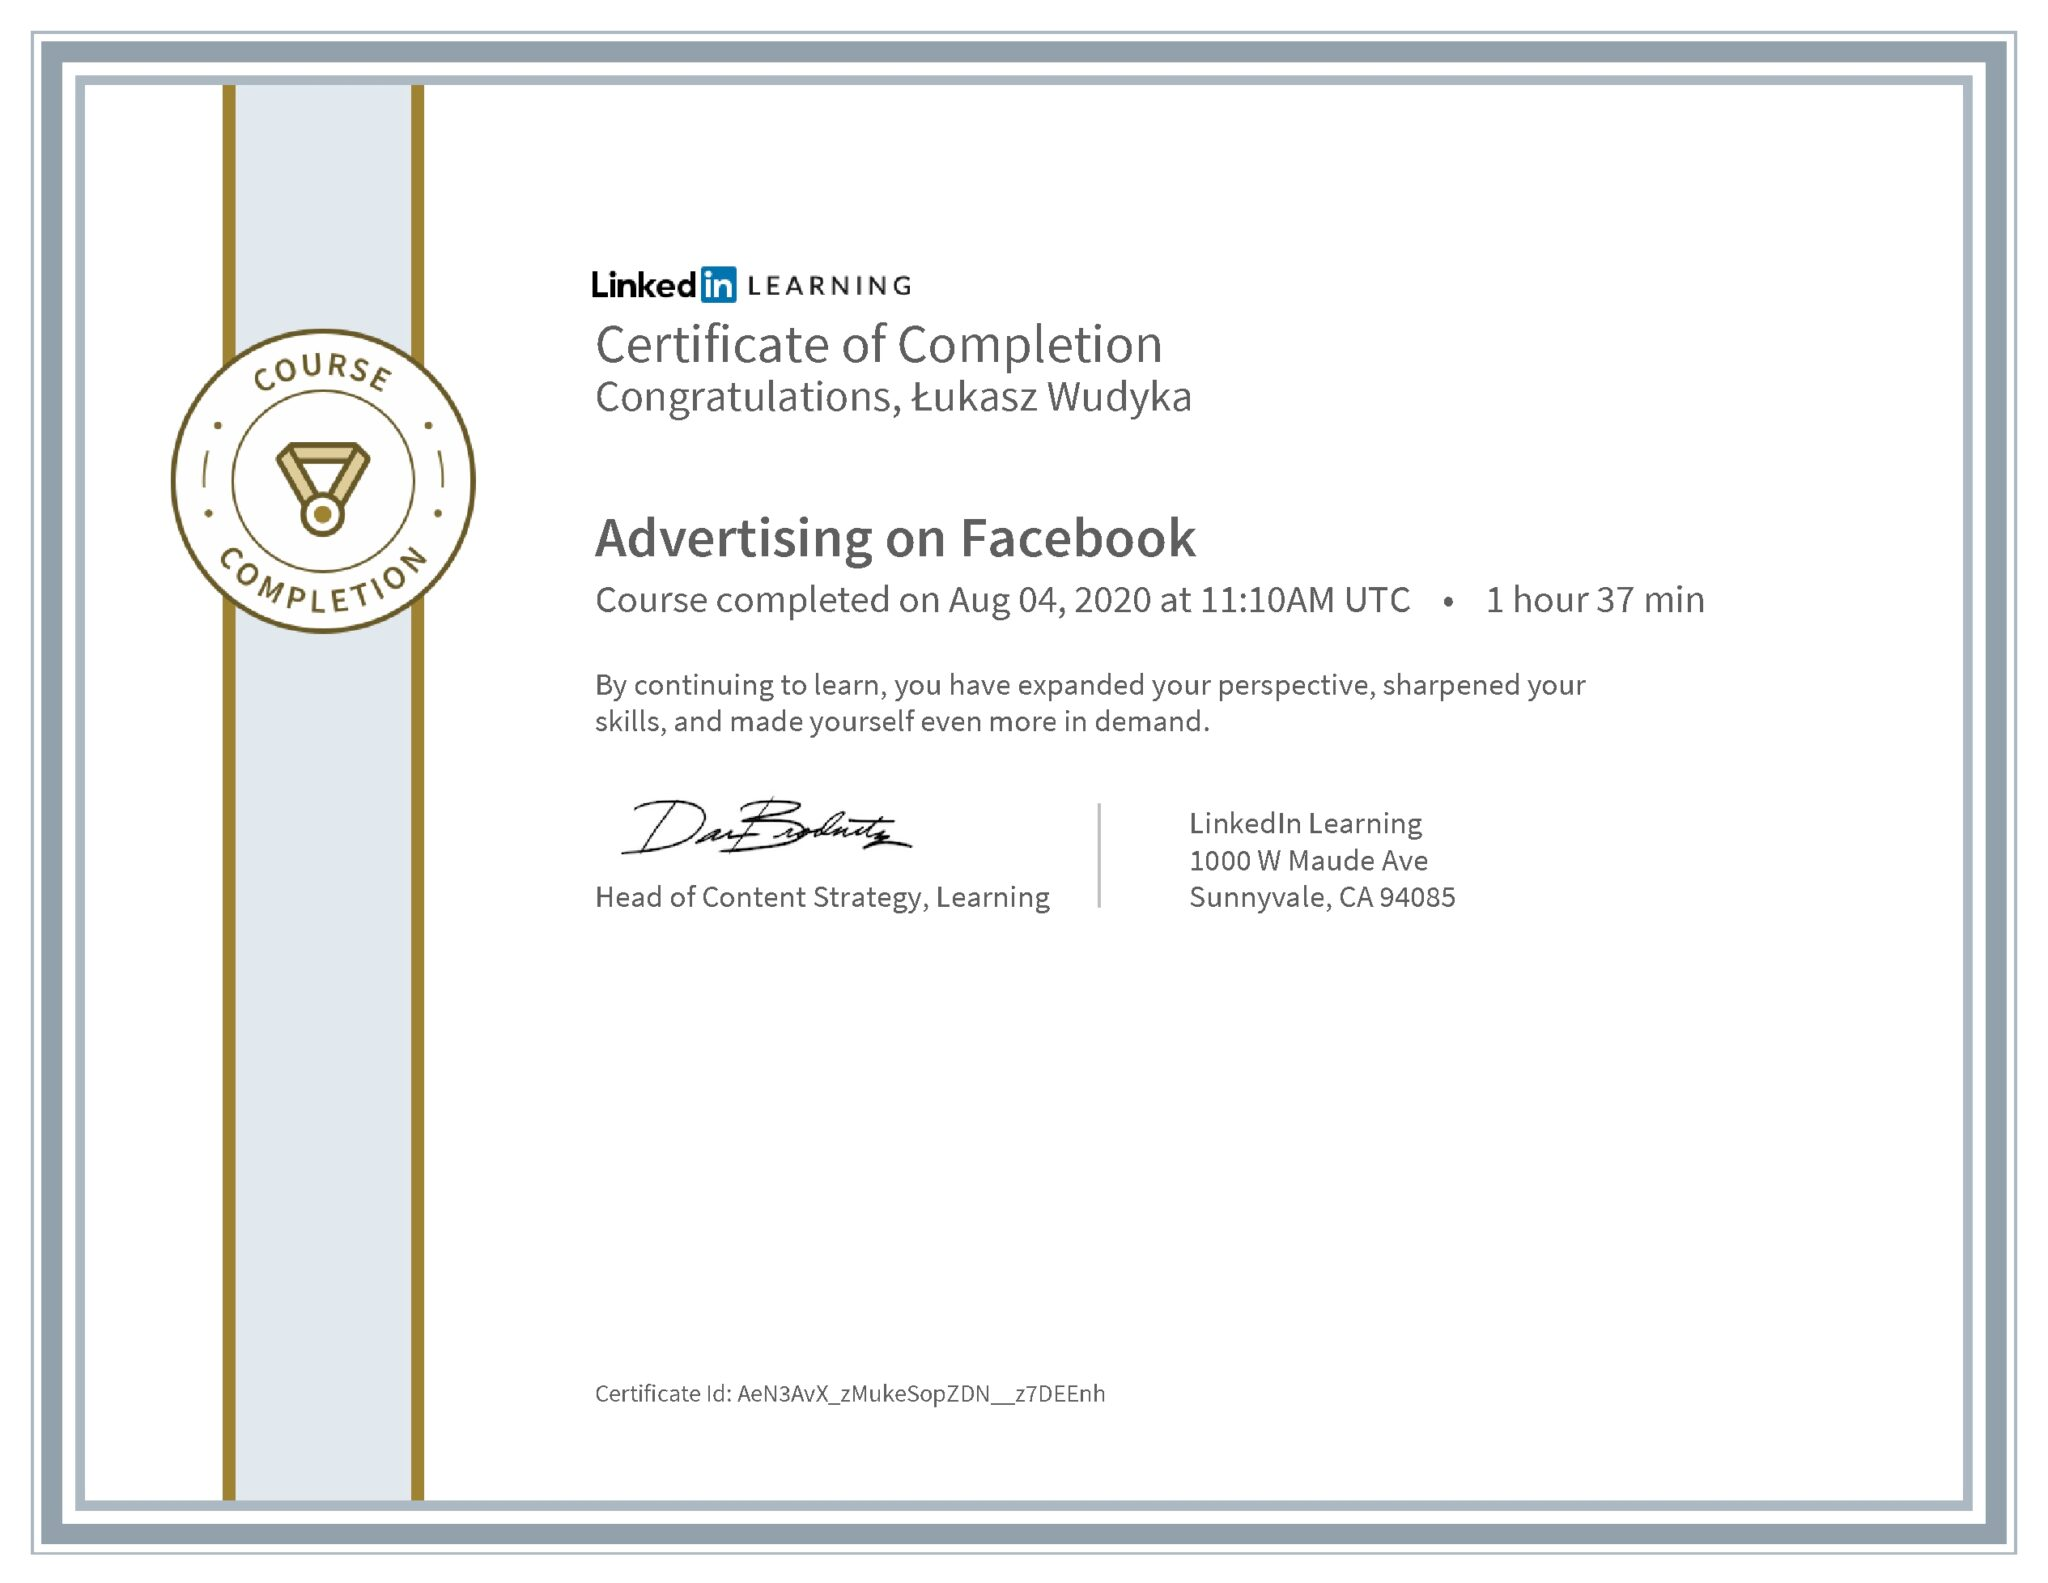 Łukasz Wudyka certyfikat LinkedIn Advertising on Facebook